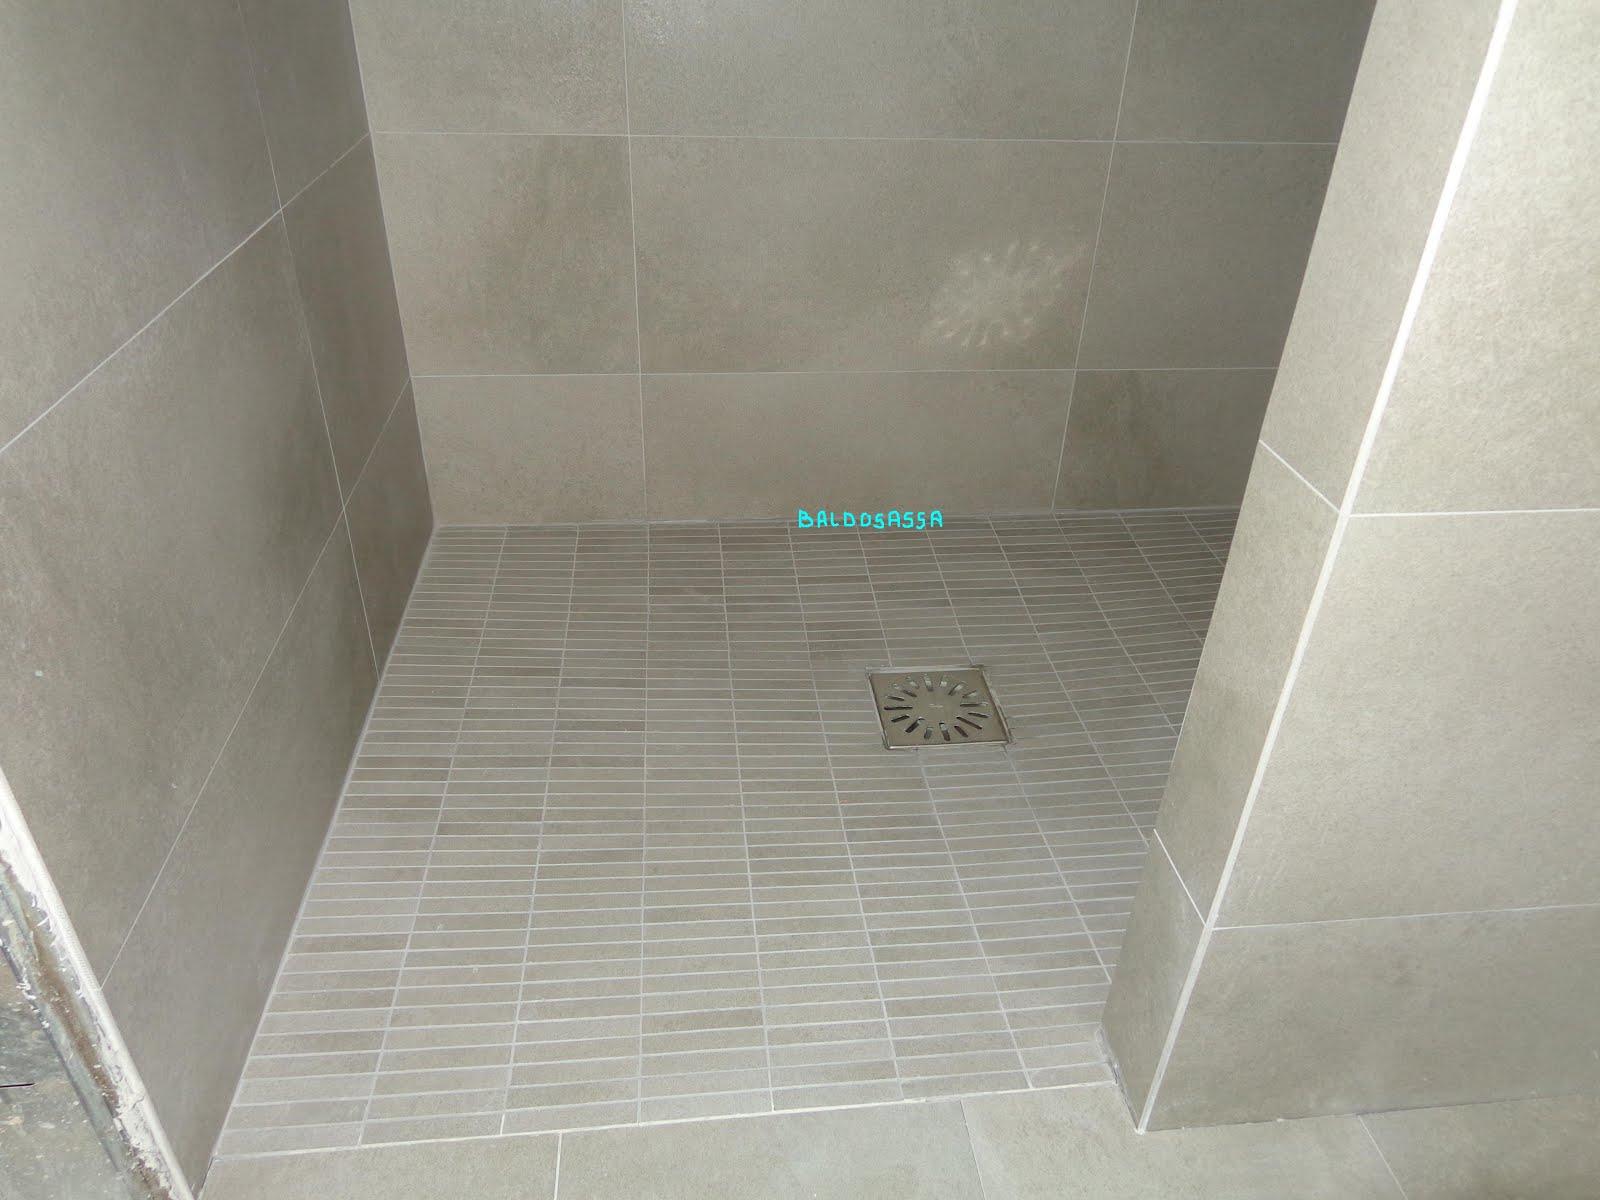 Platos de ducha de obra fotos - Plato de ducha de obra ...